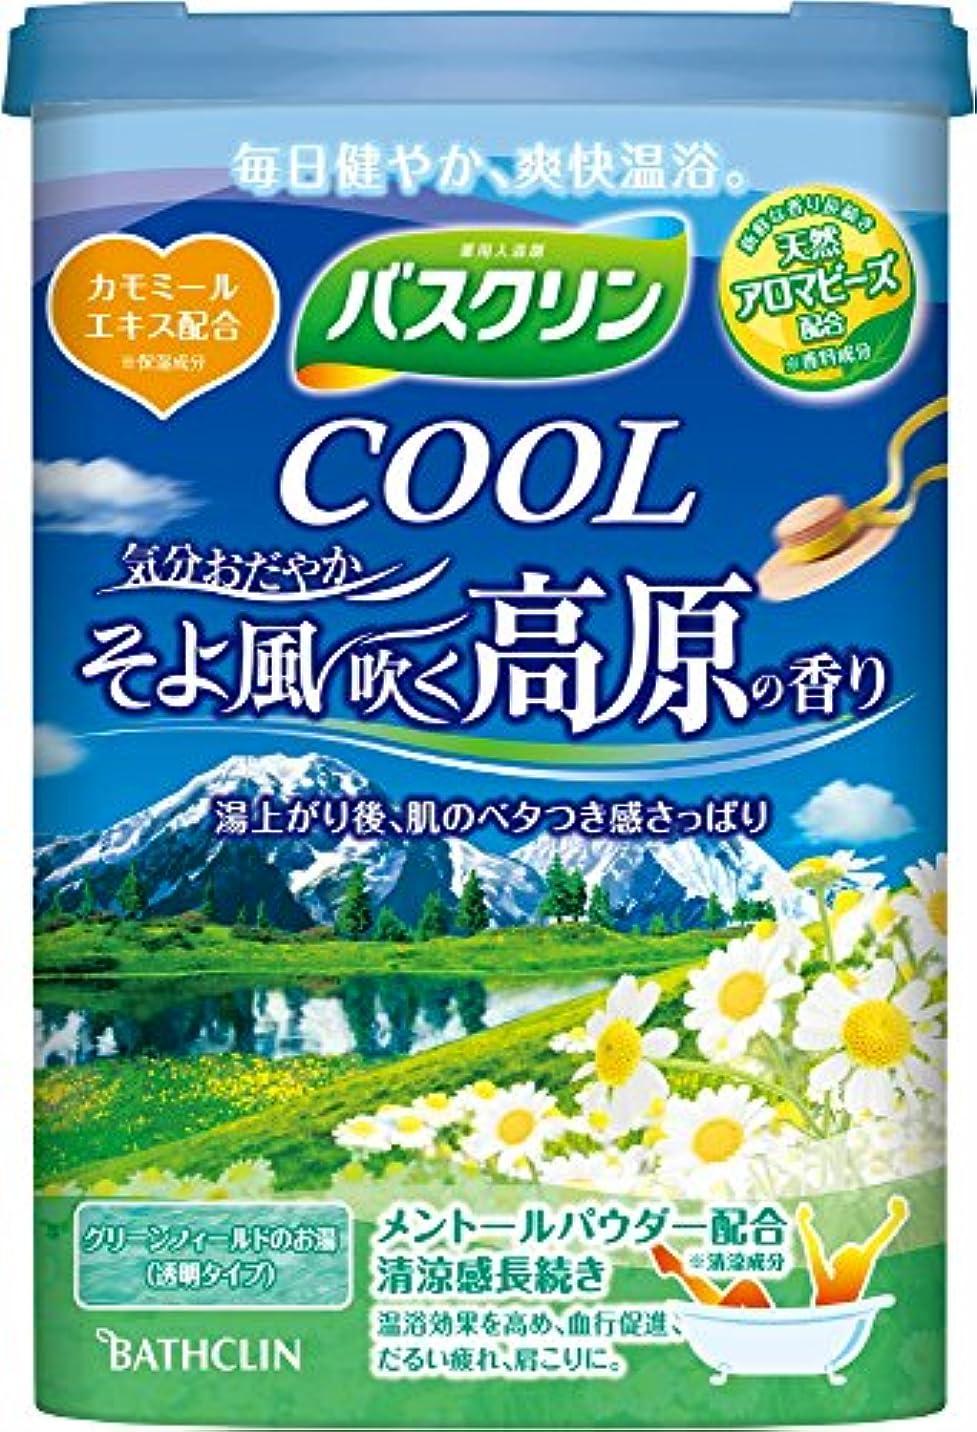 ターゲット常習的うなずく【医薬部外品】バスクリンクール そよ風吹く高原の香り600g入浴剤